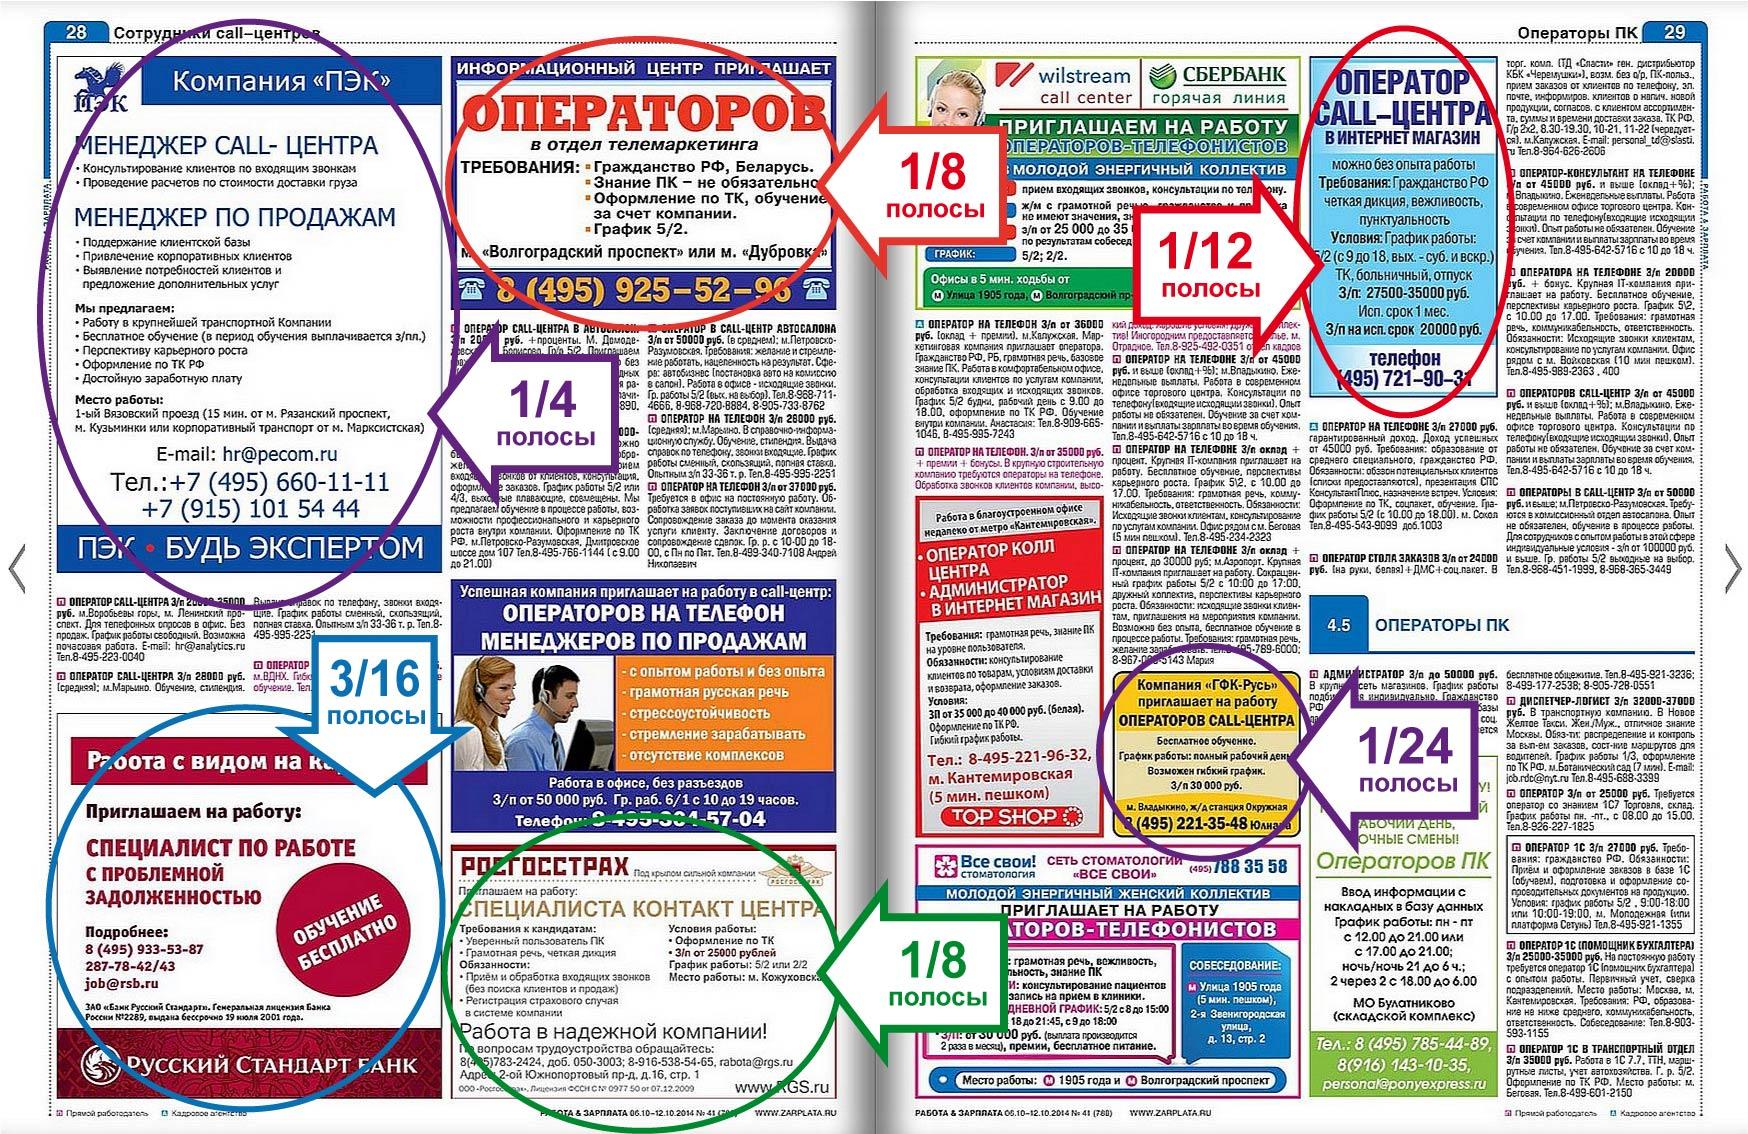 бесплатные знакомства в перми с номерами телефонов